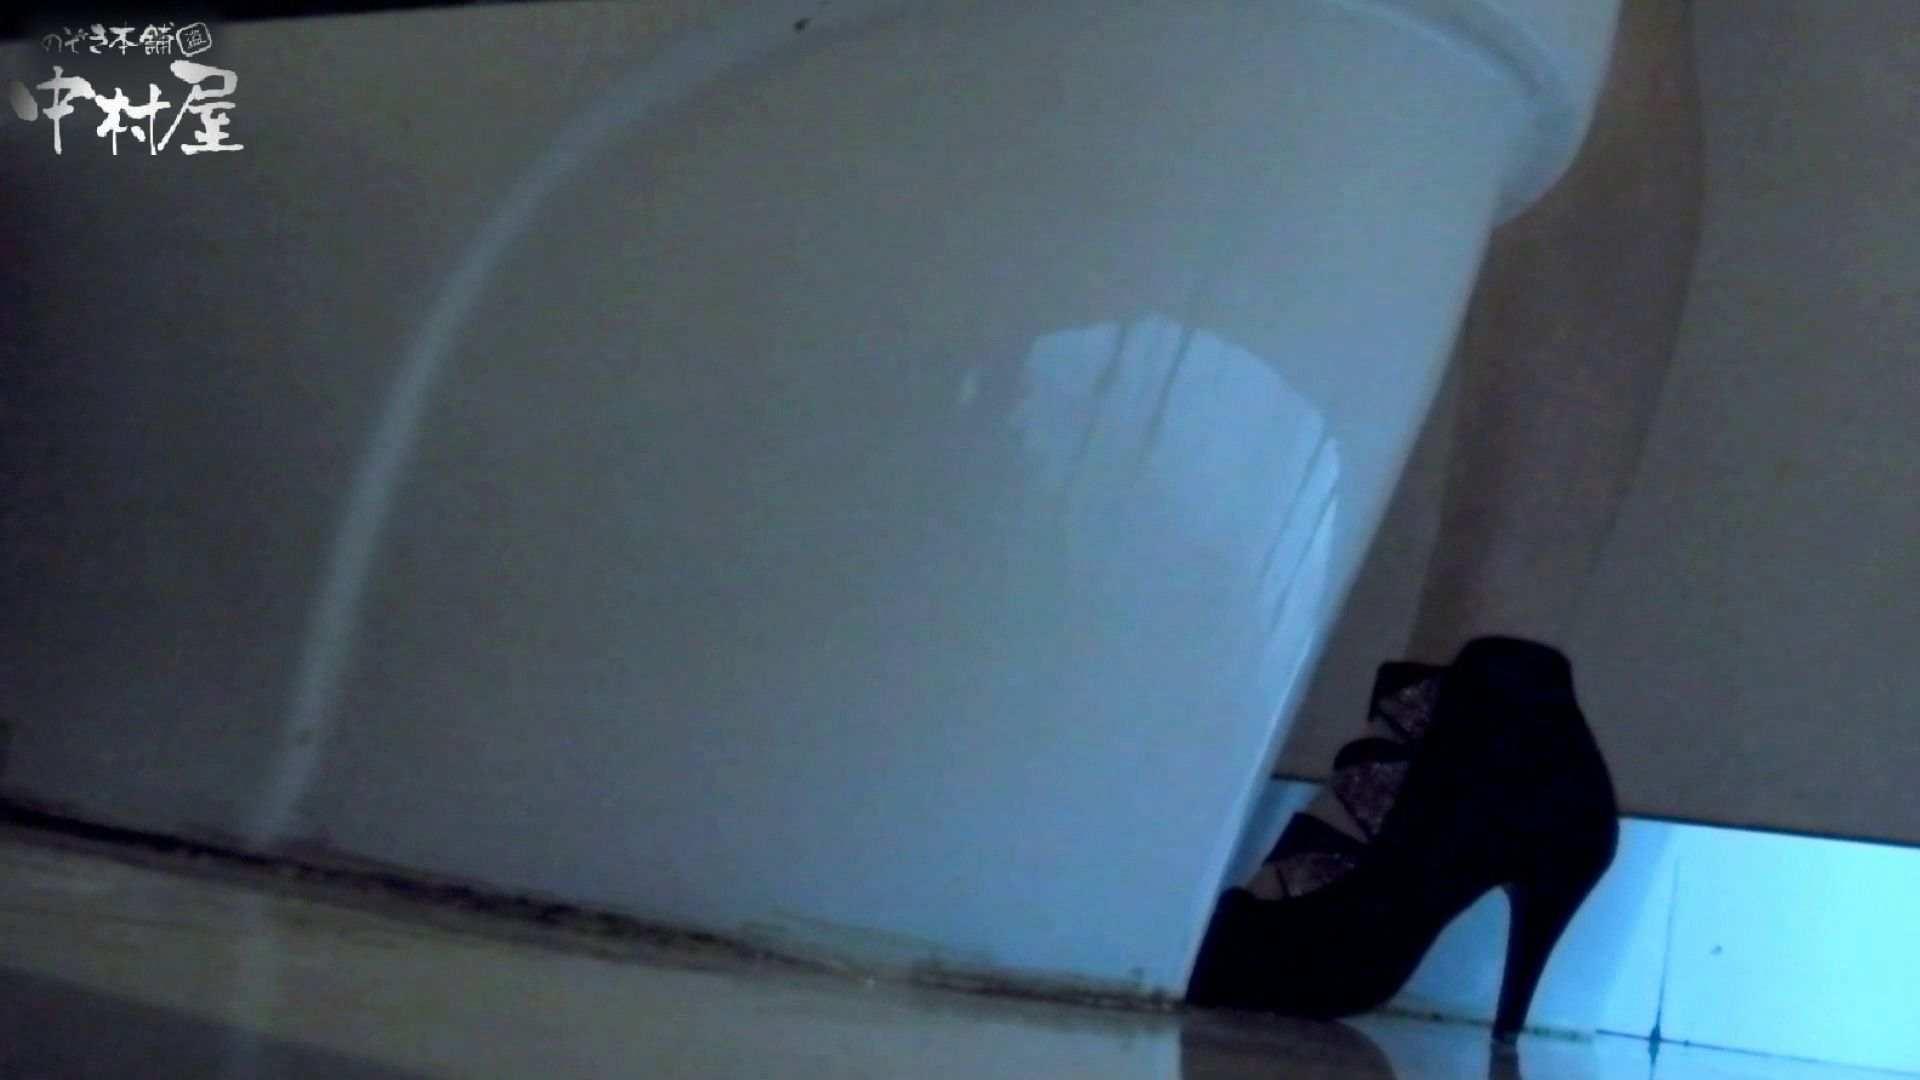 新世界の射窓 No72 モデル級なら個室から飛び出て追っかけます 洗面所   0  99画像 95